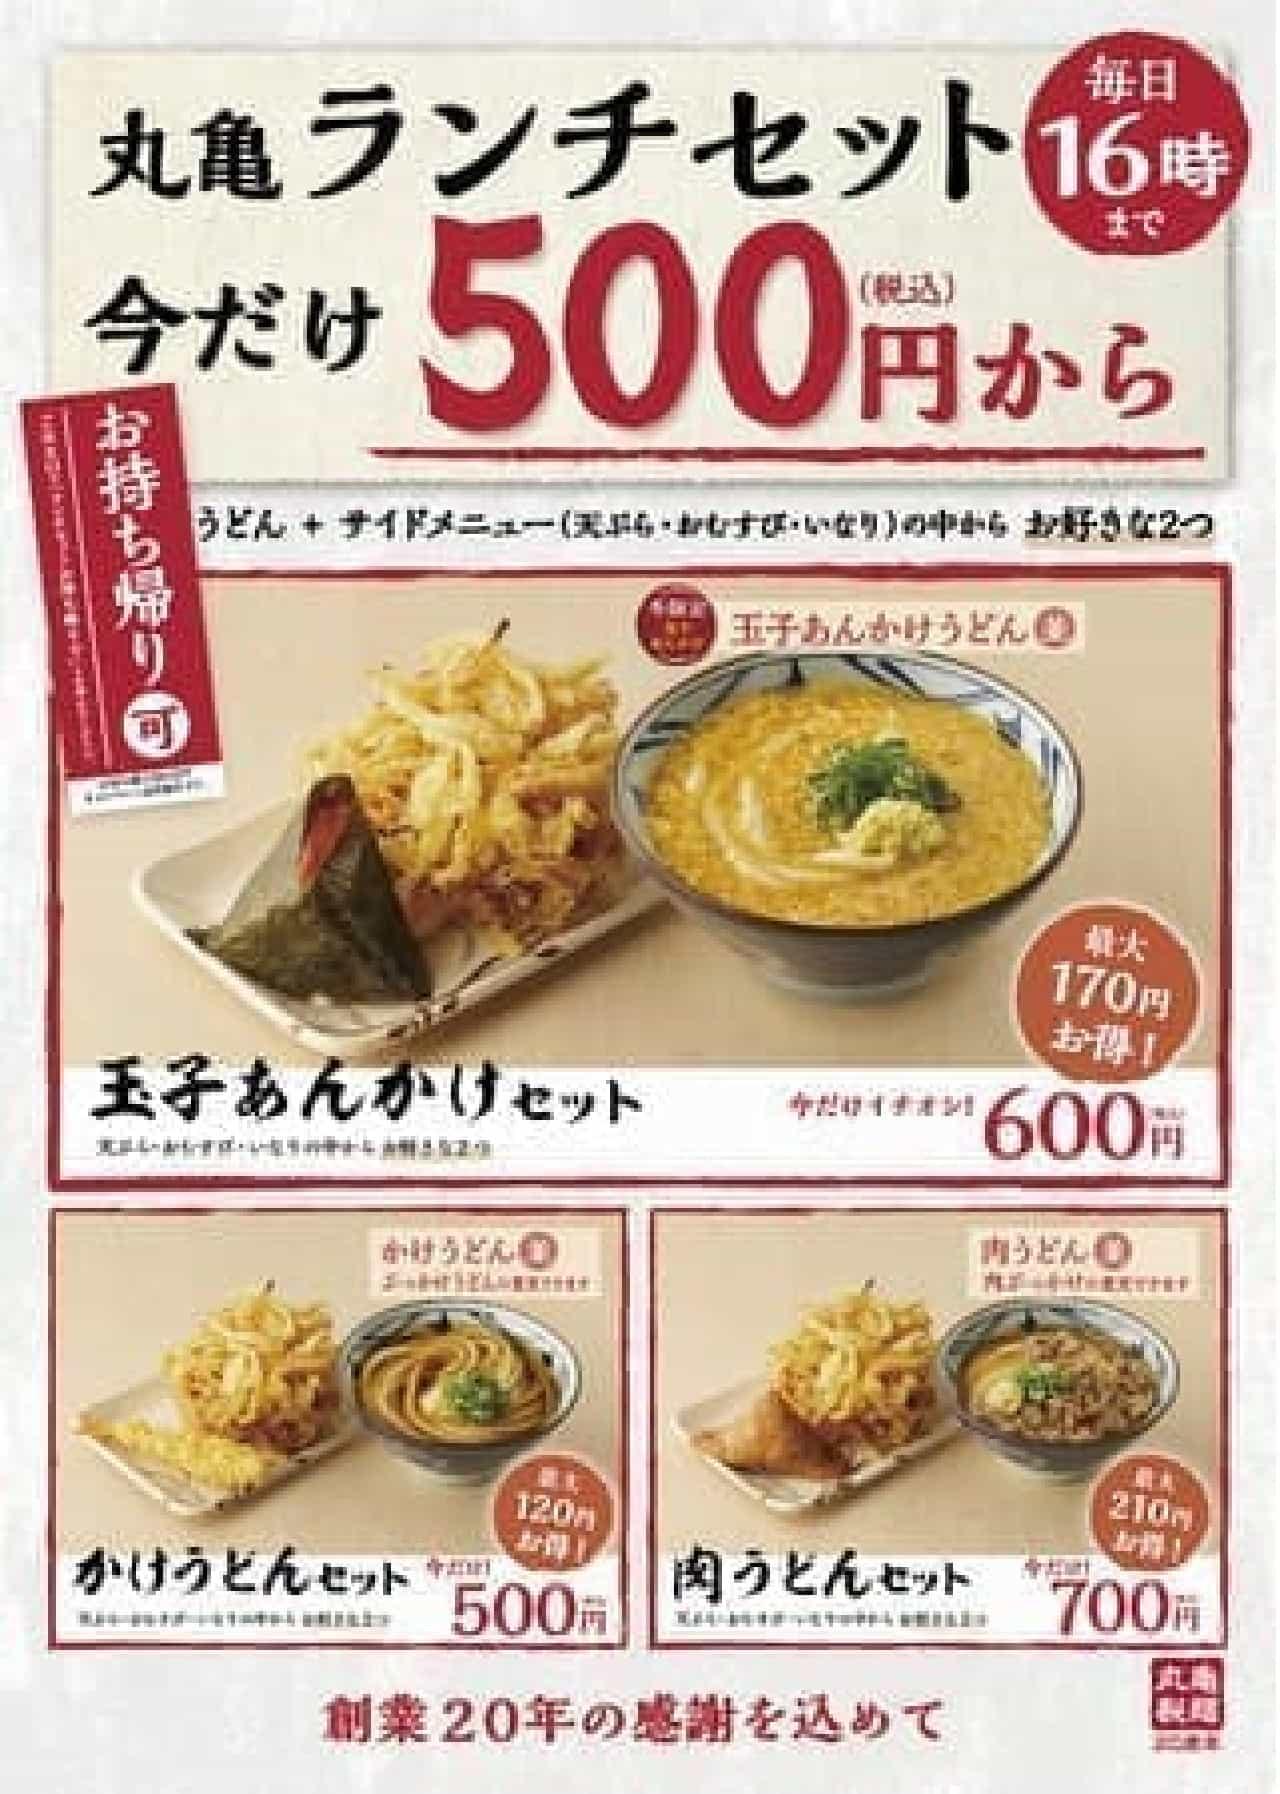 丸亀製麺「丸亀ランチセット」復活